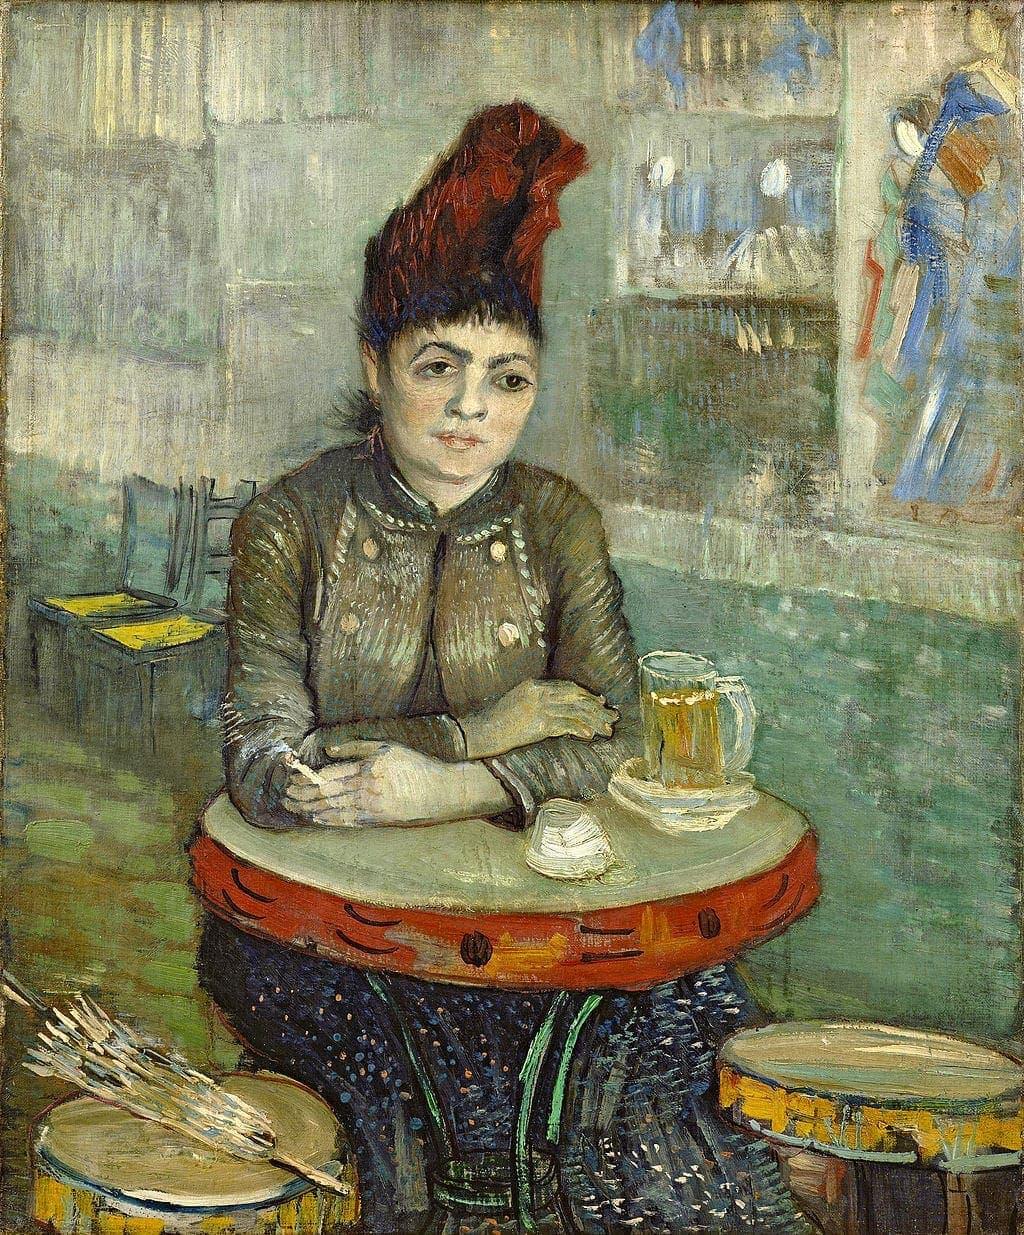 Van Gogh, Agostina Segatori en Le Tambourin, 1887